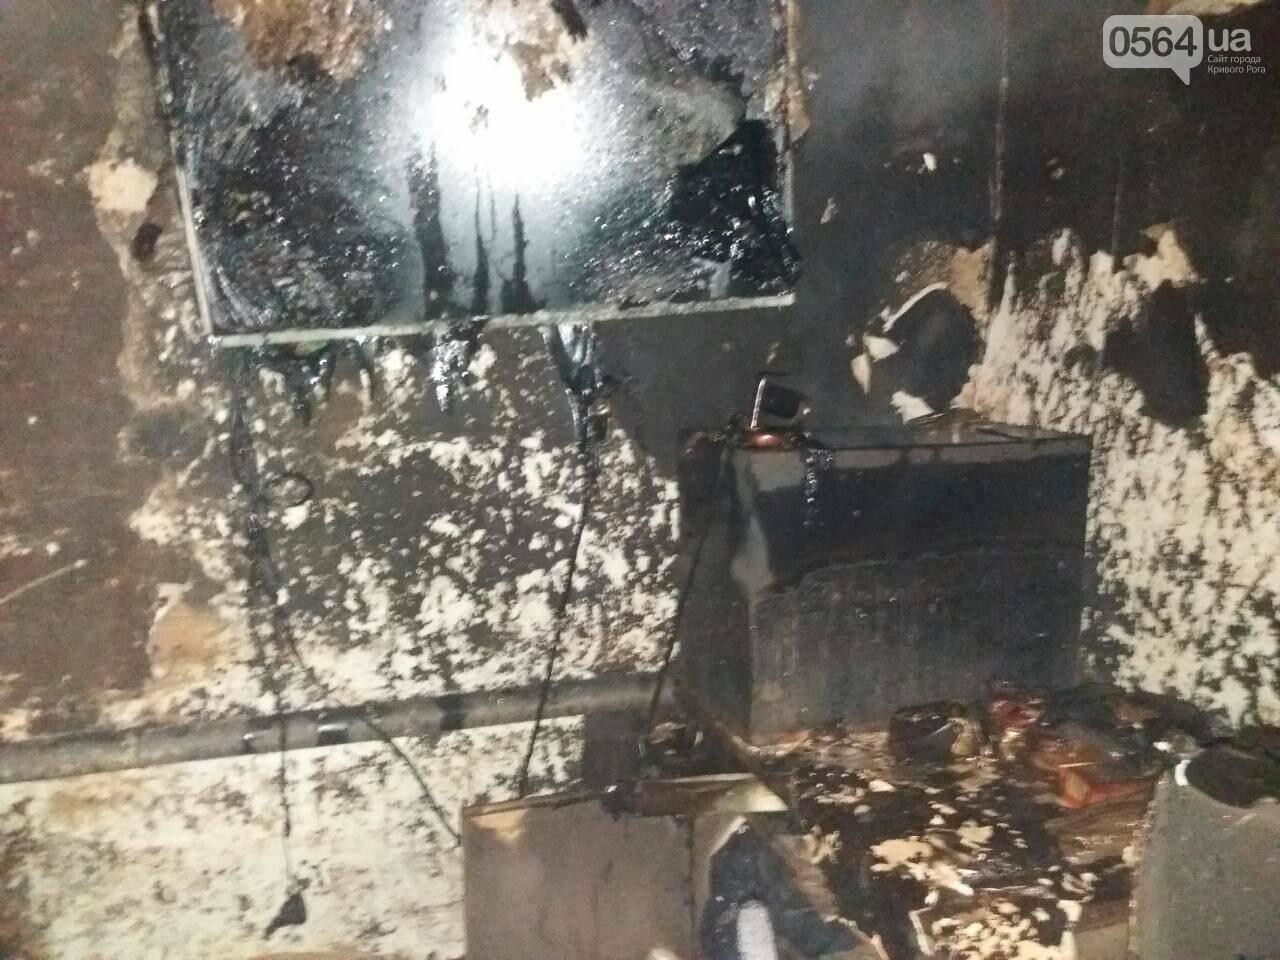 В Кривом Роге на пожаре обнаружили тело 40-летнего мужчины (ФОТО), фото-1